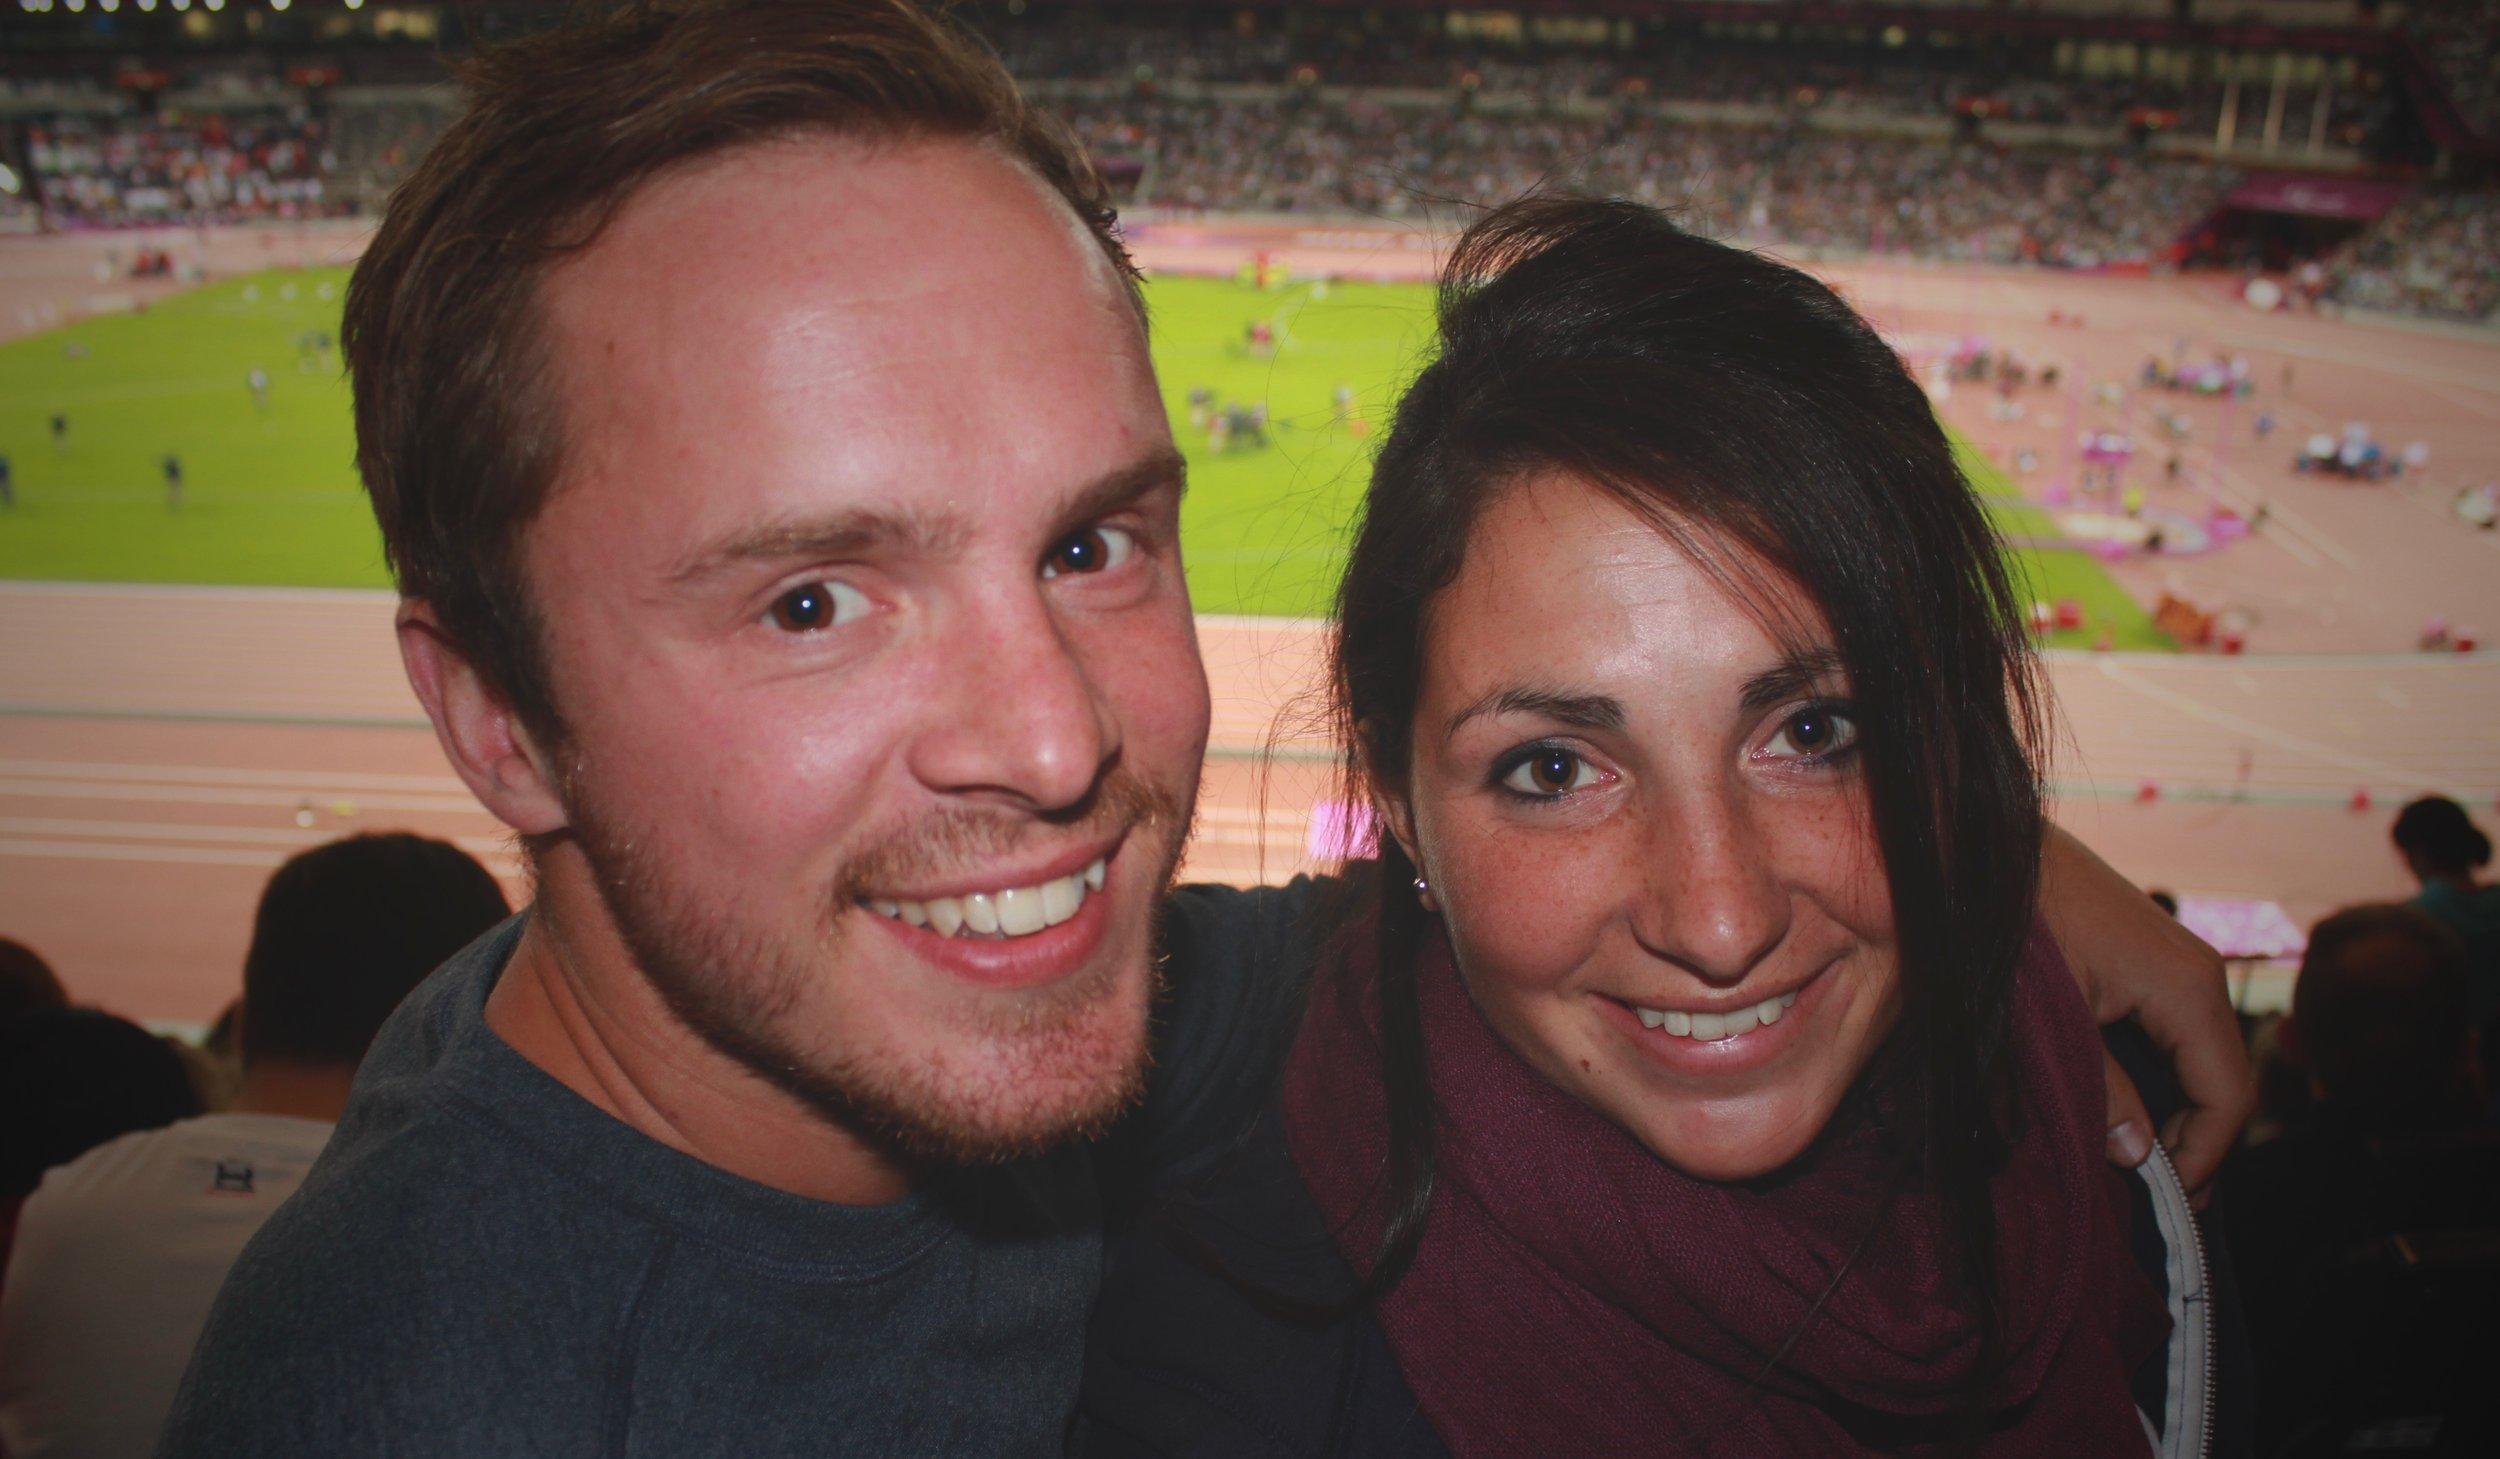 Will & Caroline at the 2012 Paralympics